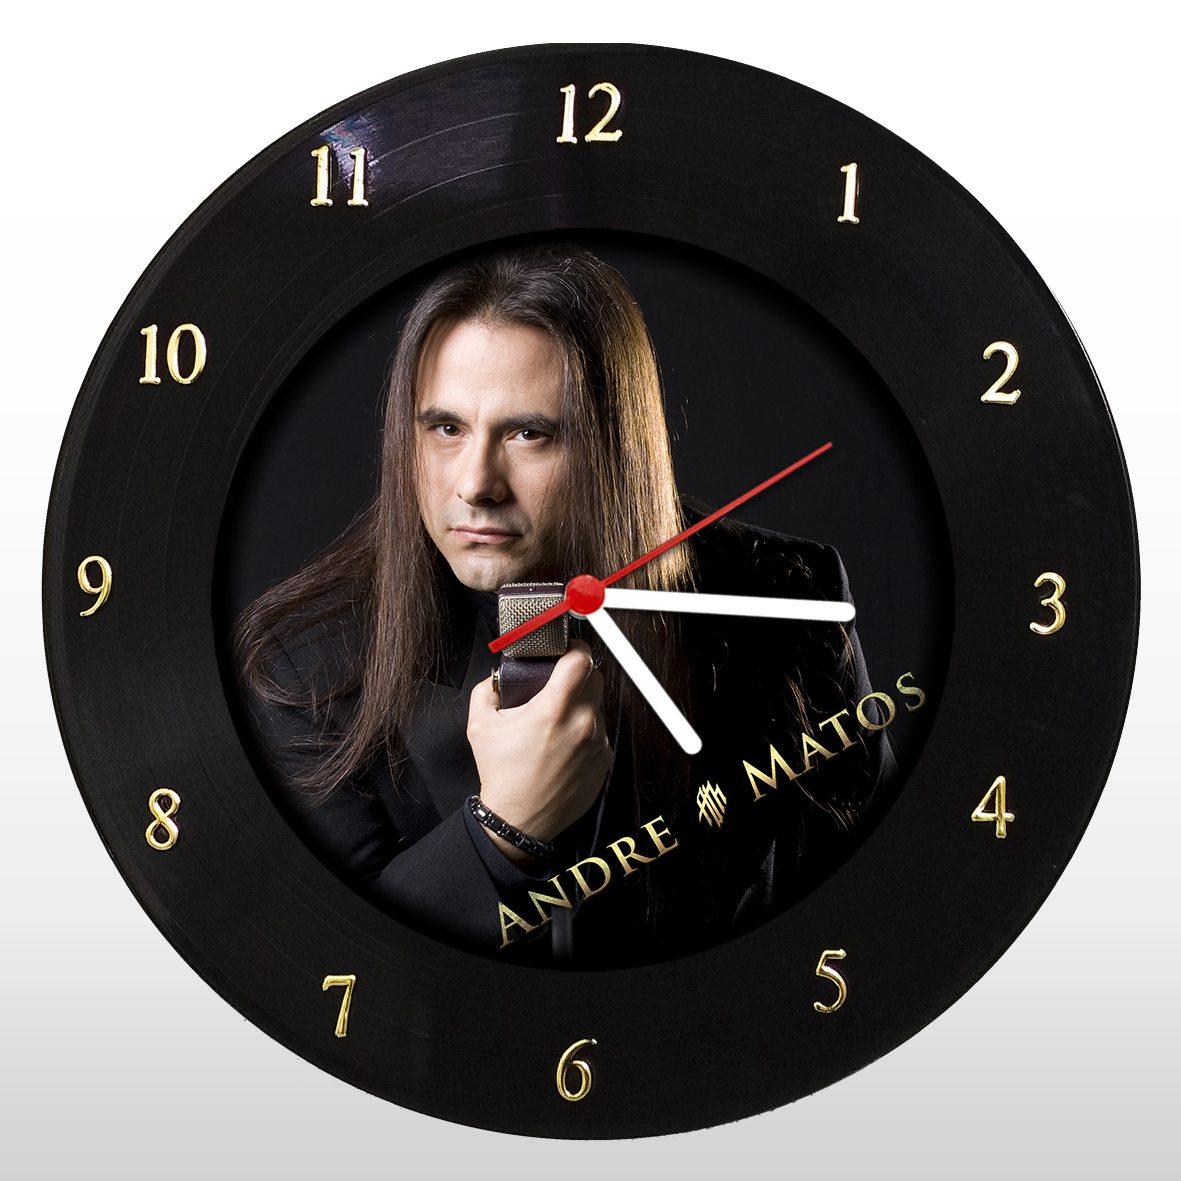 André Matos - Relógio de Parede em Disco de Vinil - Mr. Rock